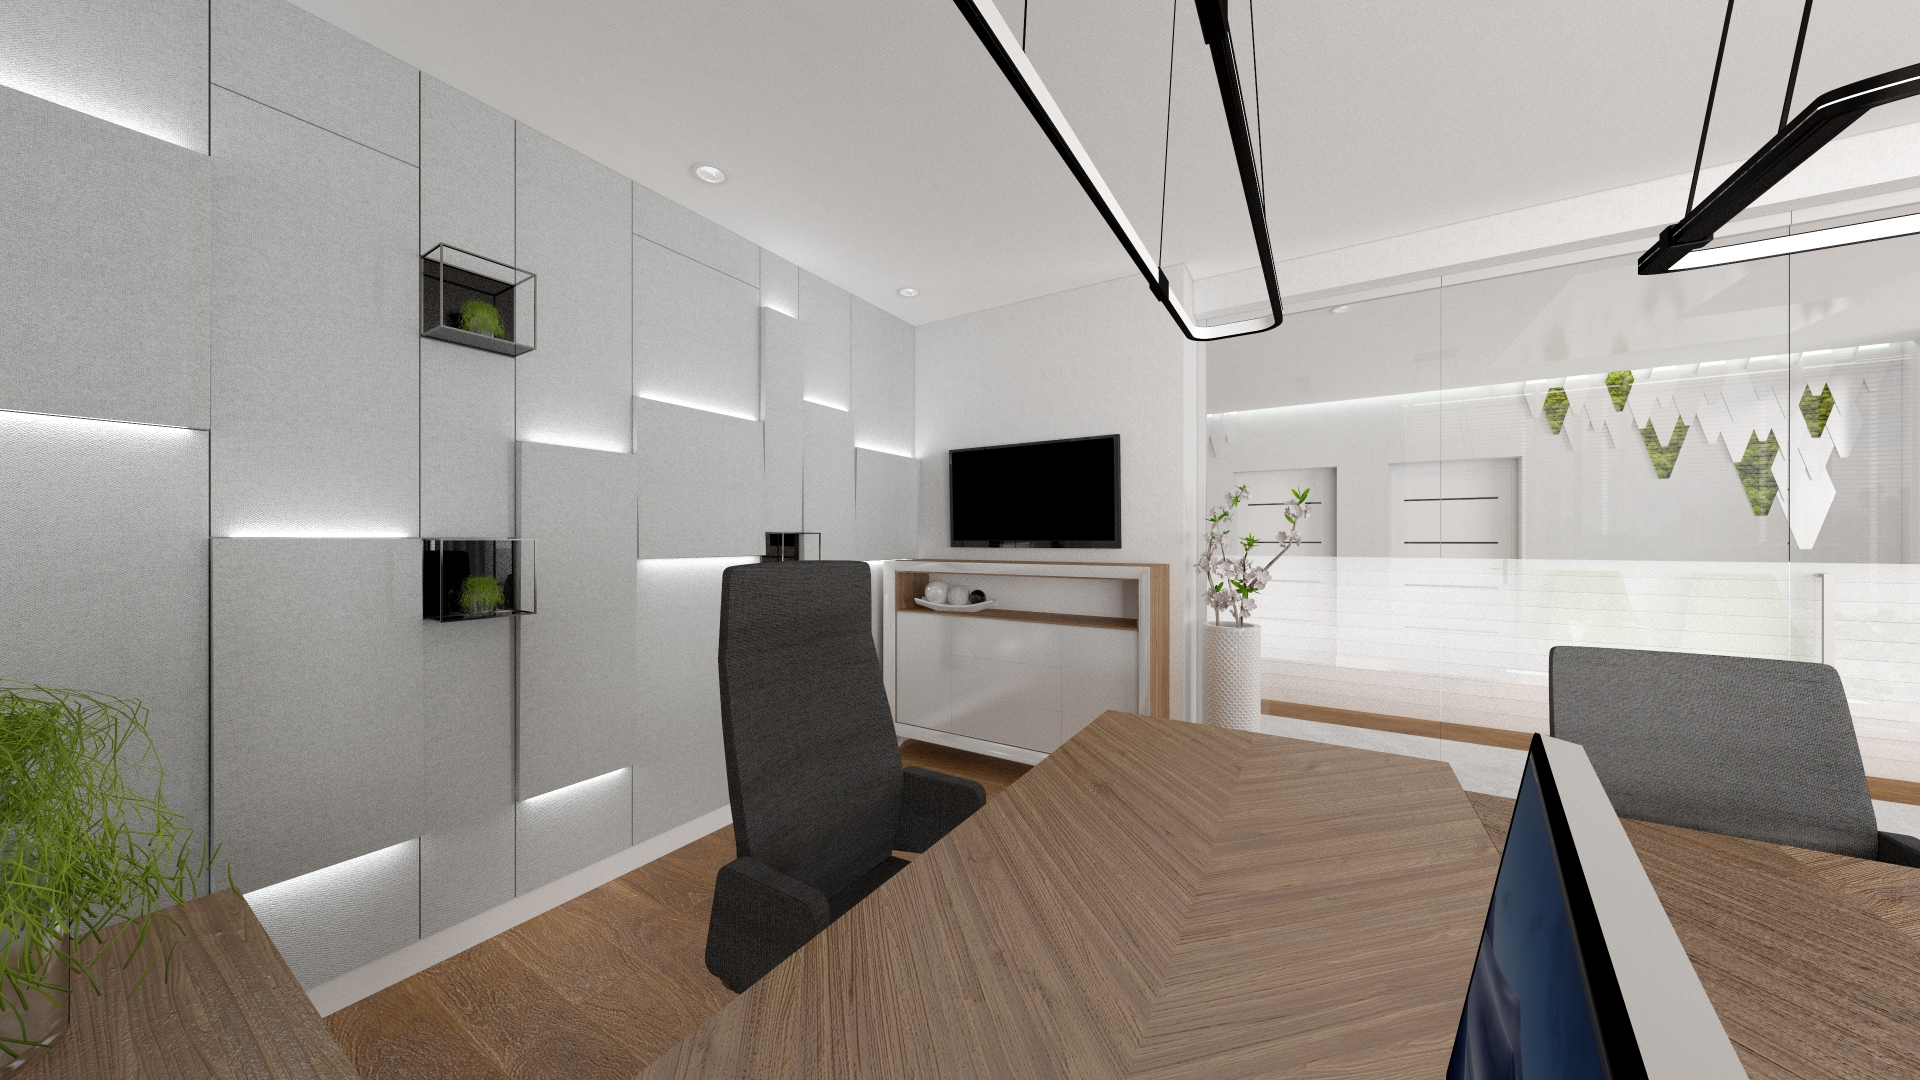 projektantpulawy gabinet czapla malgorzata pulawy projektowanie wnetrz interior design modern nowoczesne wnetrza indywidualny projekt projektant (2)